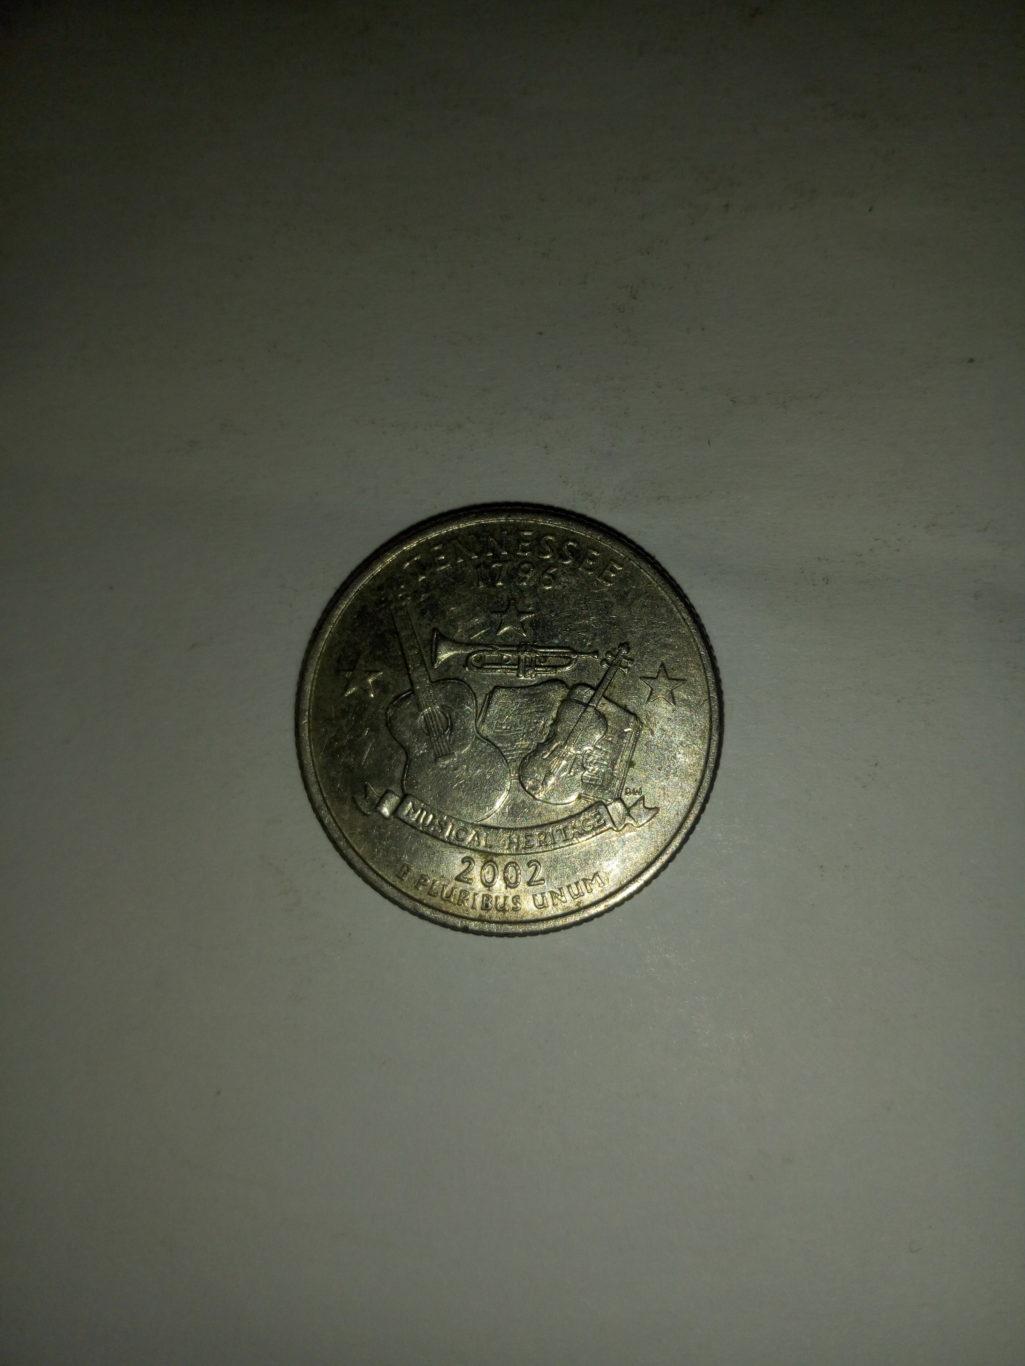 1976_united States of america quarter dollar